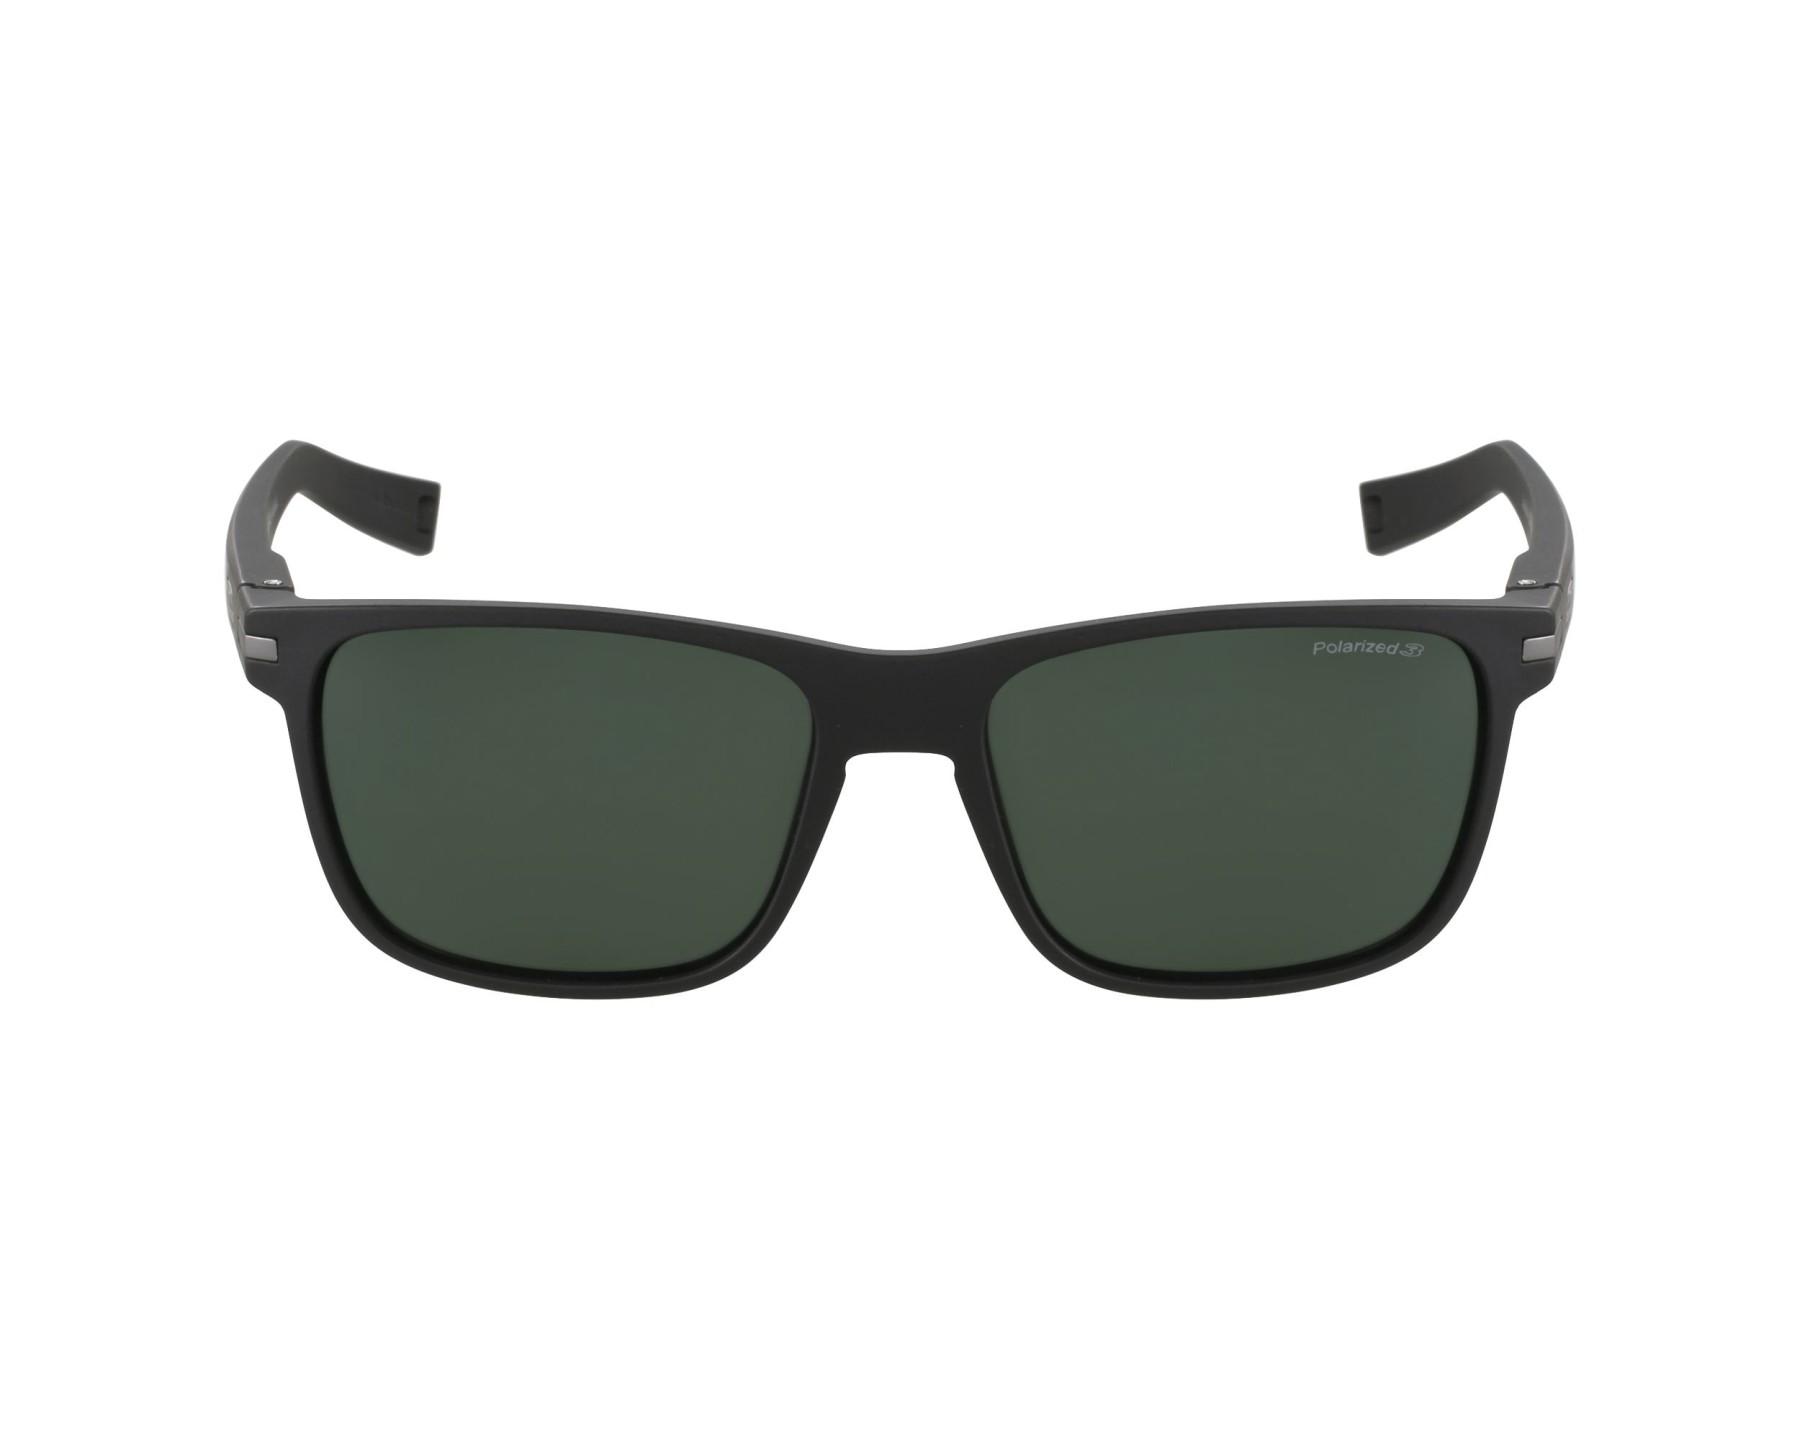 94388dbe6f8 Sunglasses Julbo J481 9014 47-17 Black profile view